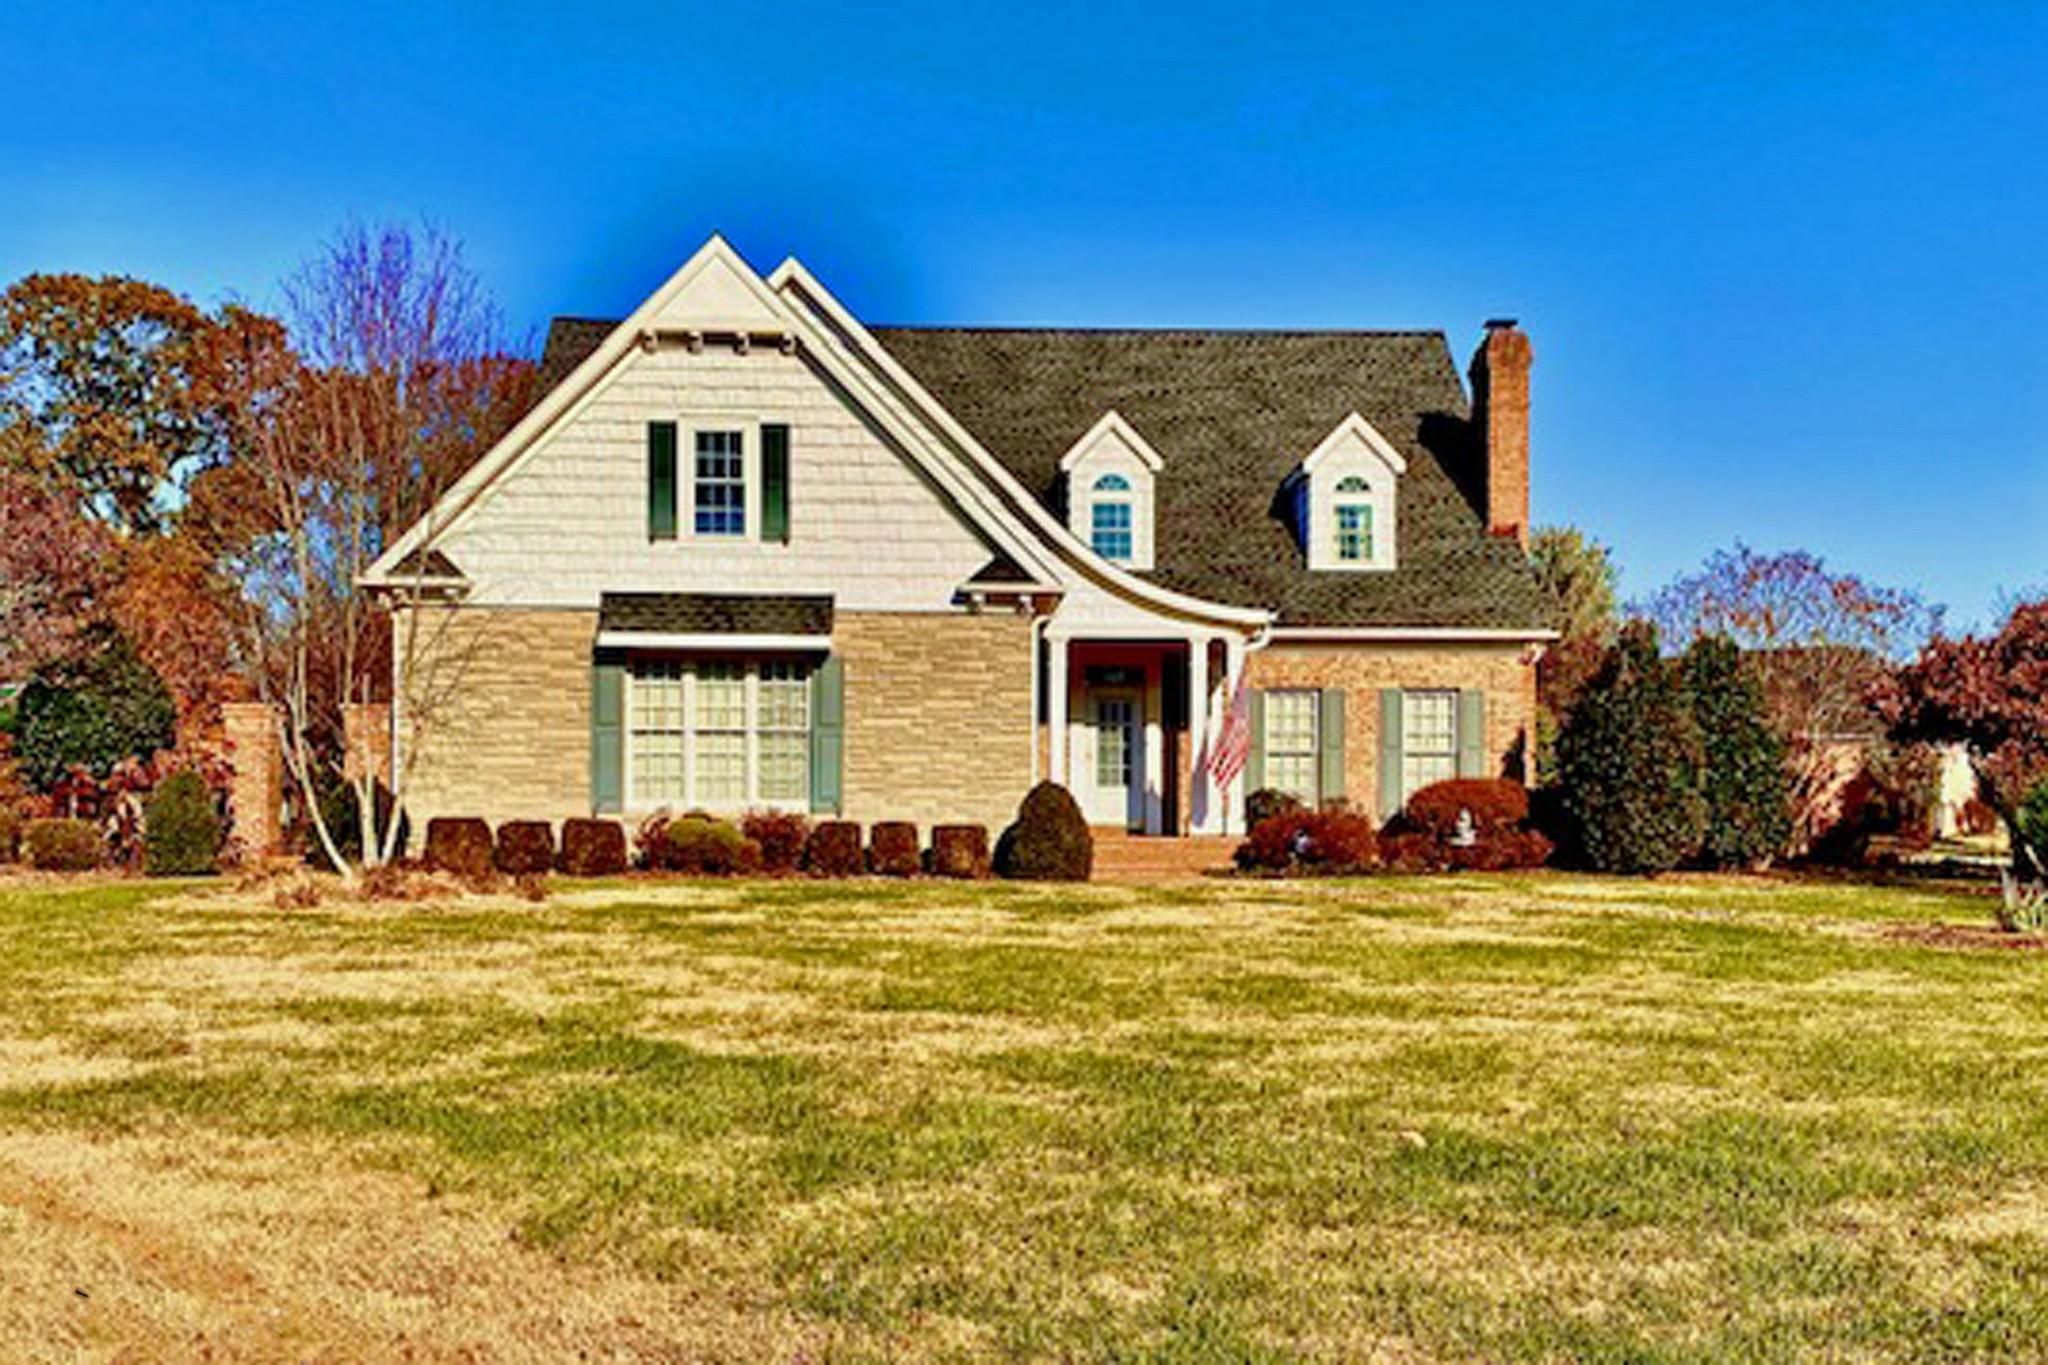 103 Oakland Ct, Franklin, KY 42134 - Franklin, KY real estate listing